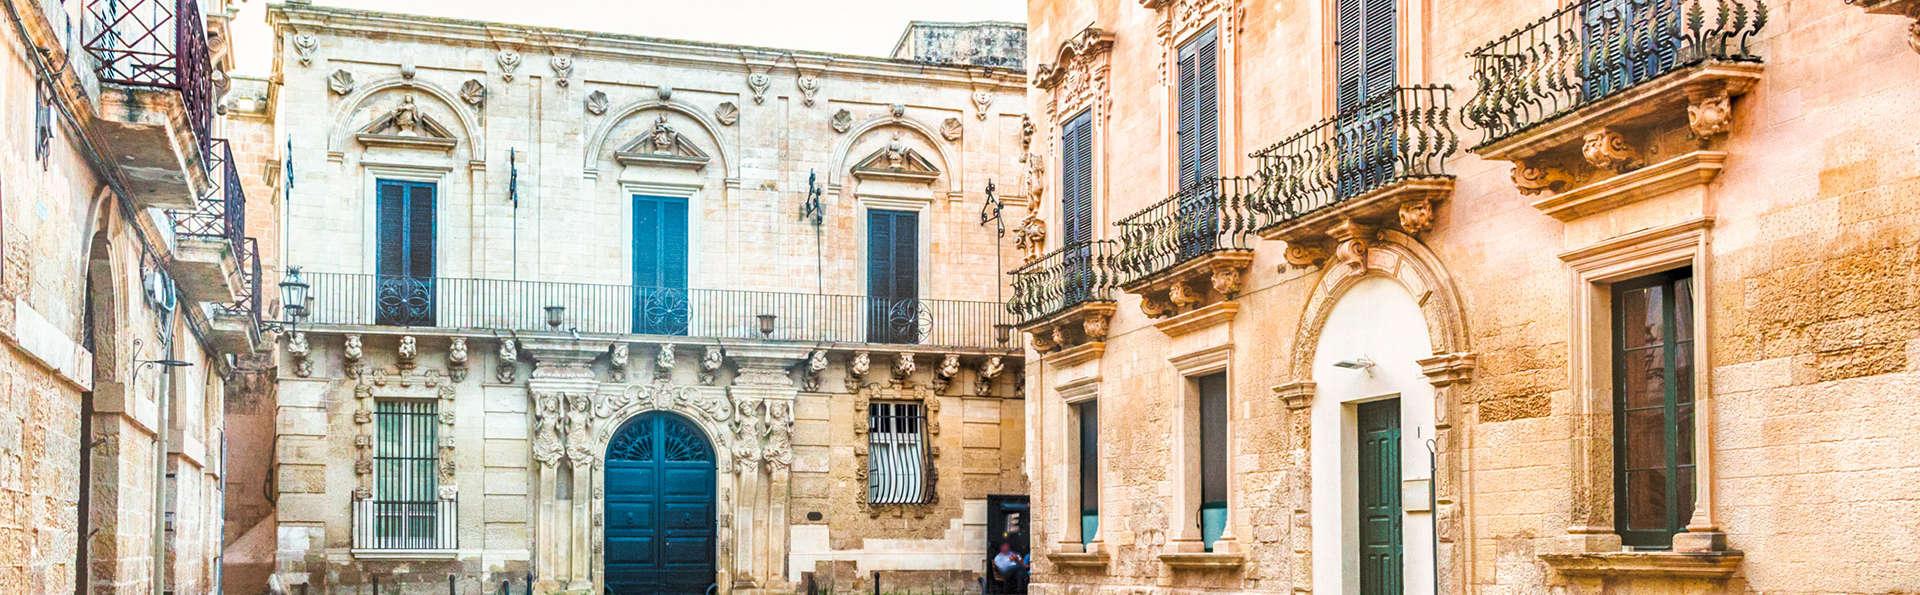 Eos Hotel 3* - Lecce, Italia